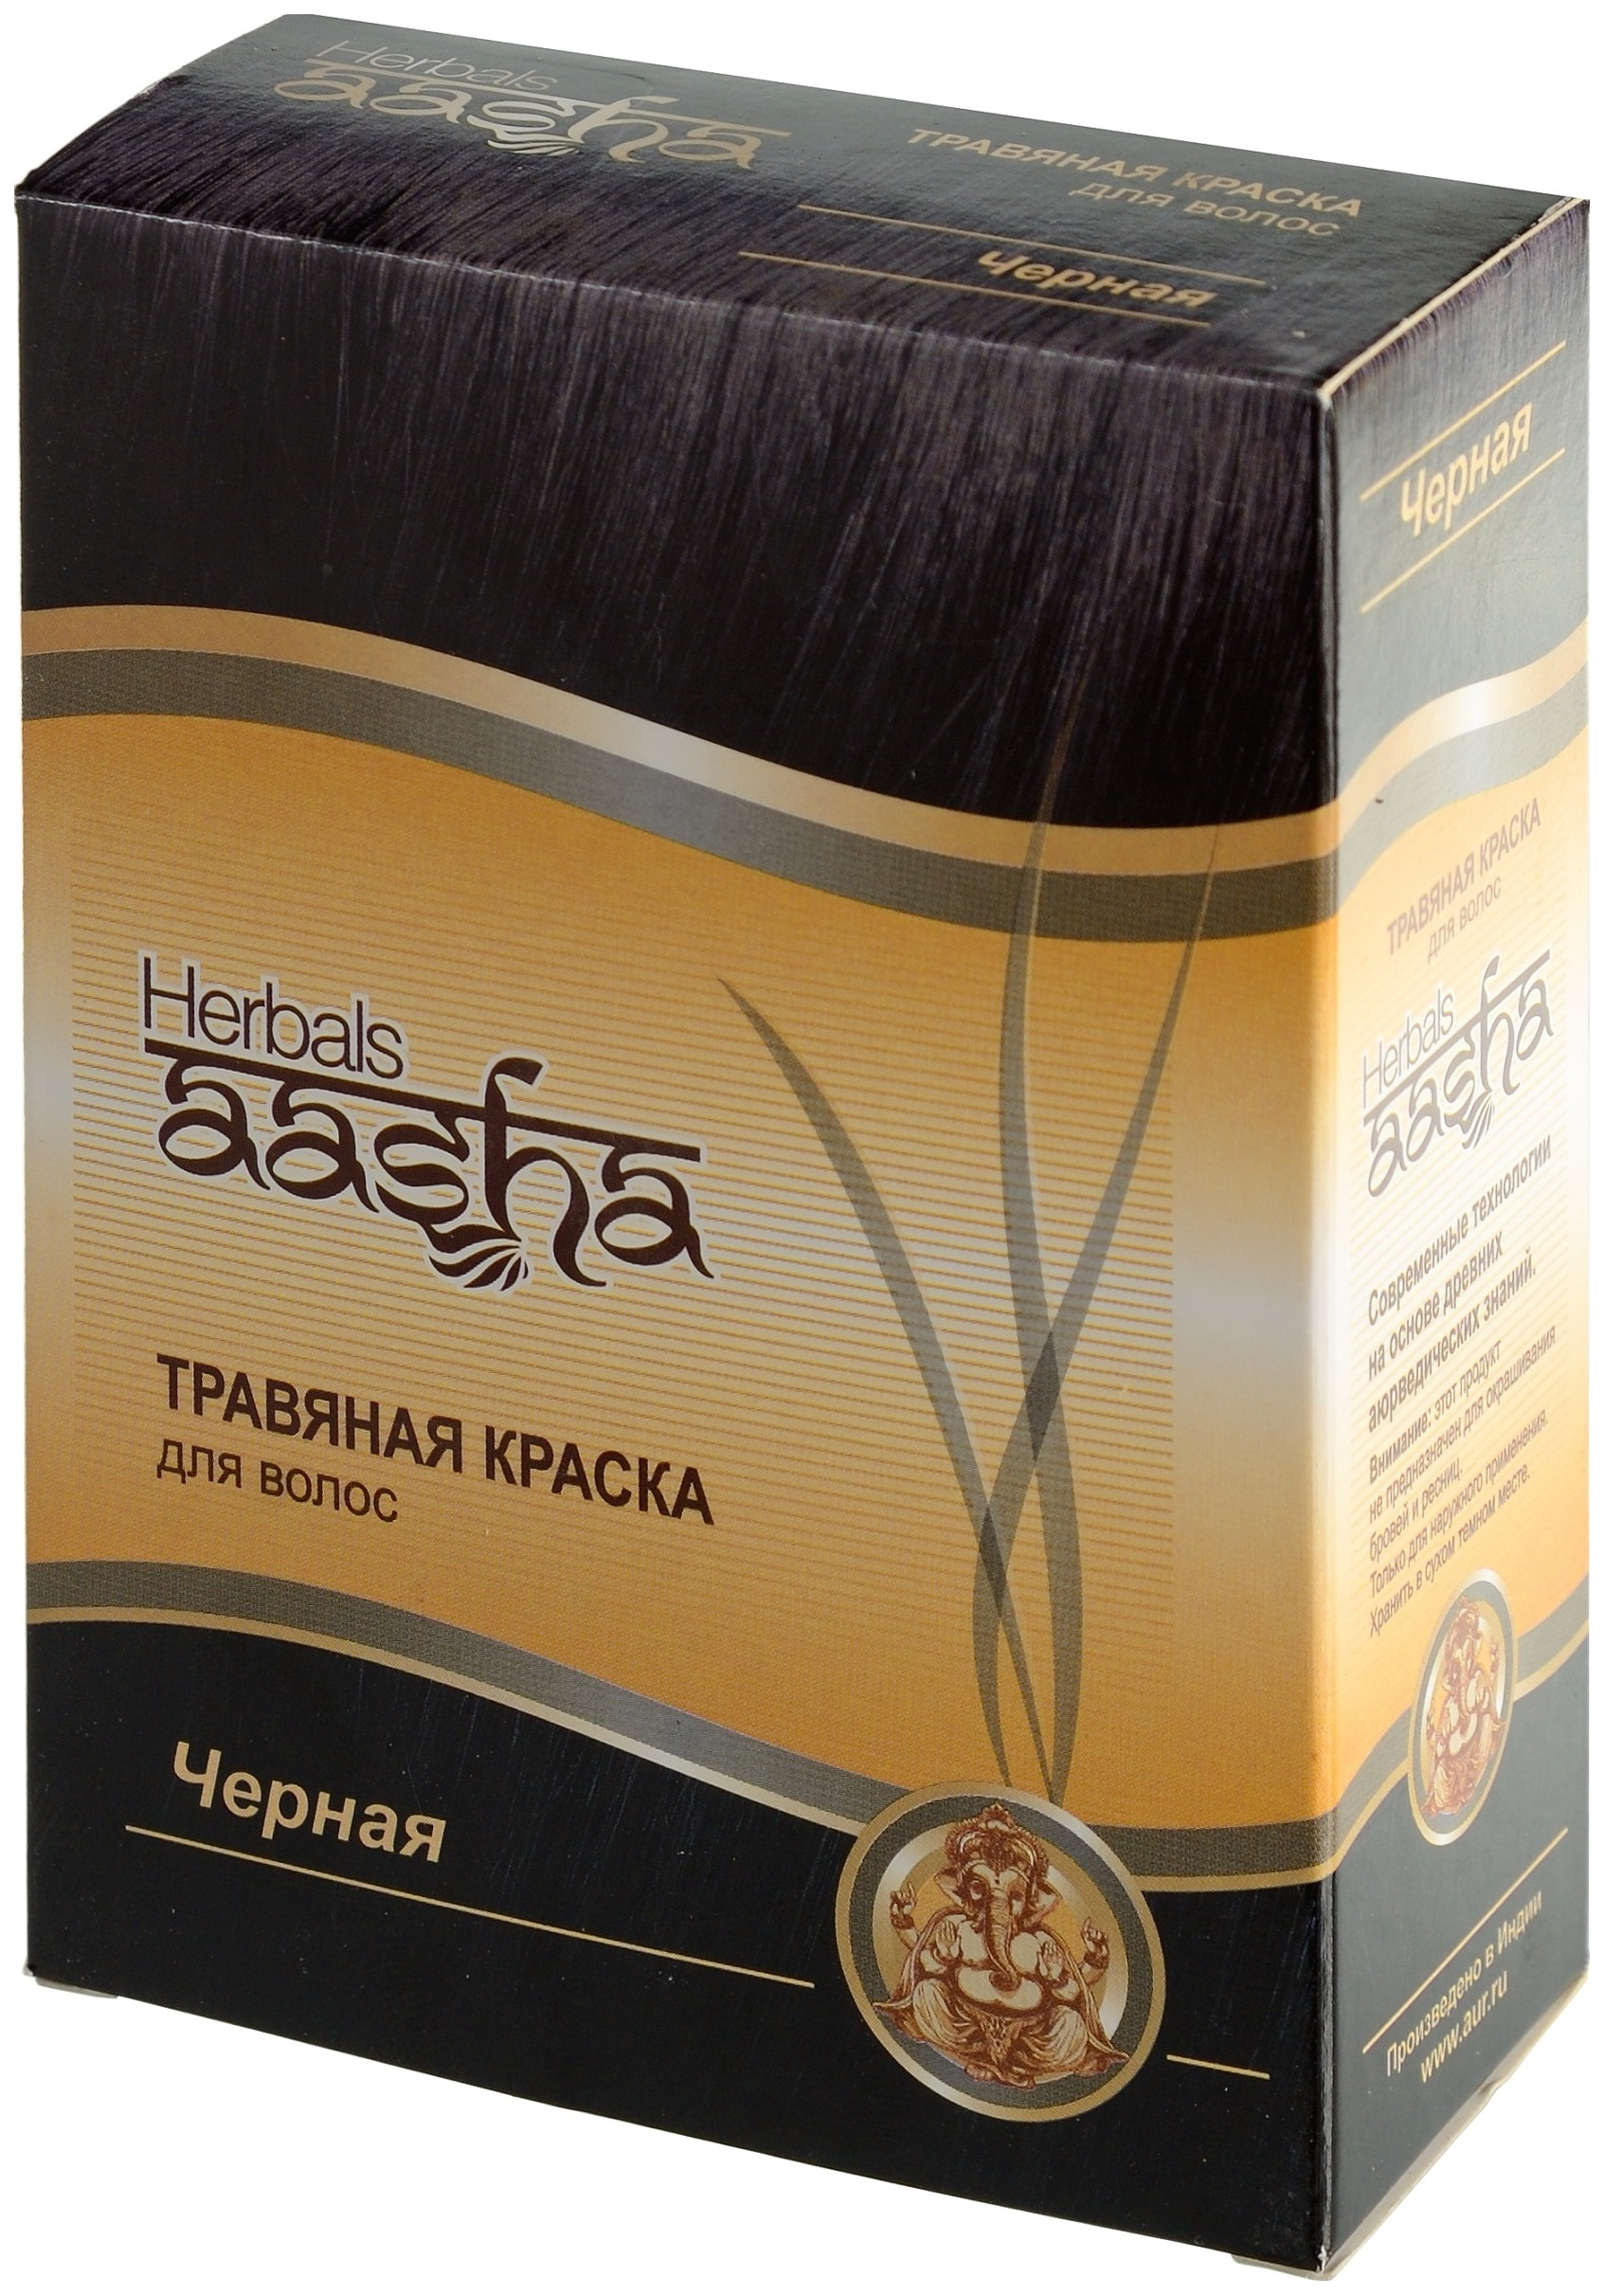 Купить Краска для волос Aasha Травяная Черная 60 г, Aasha Herbals